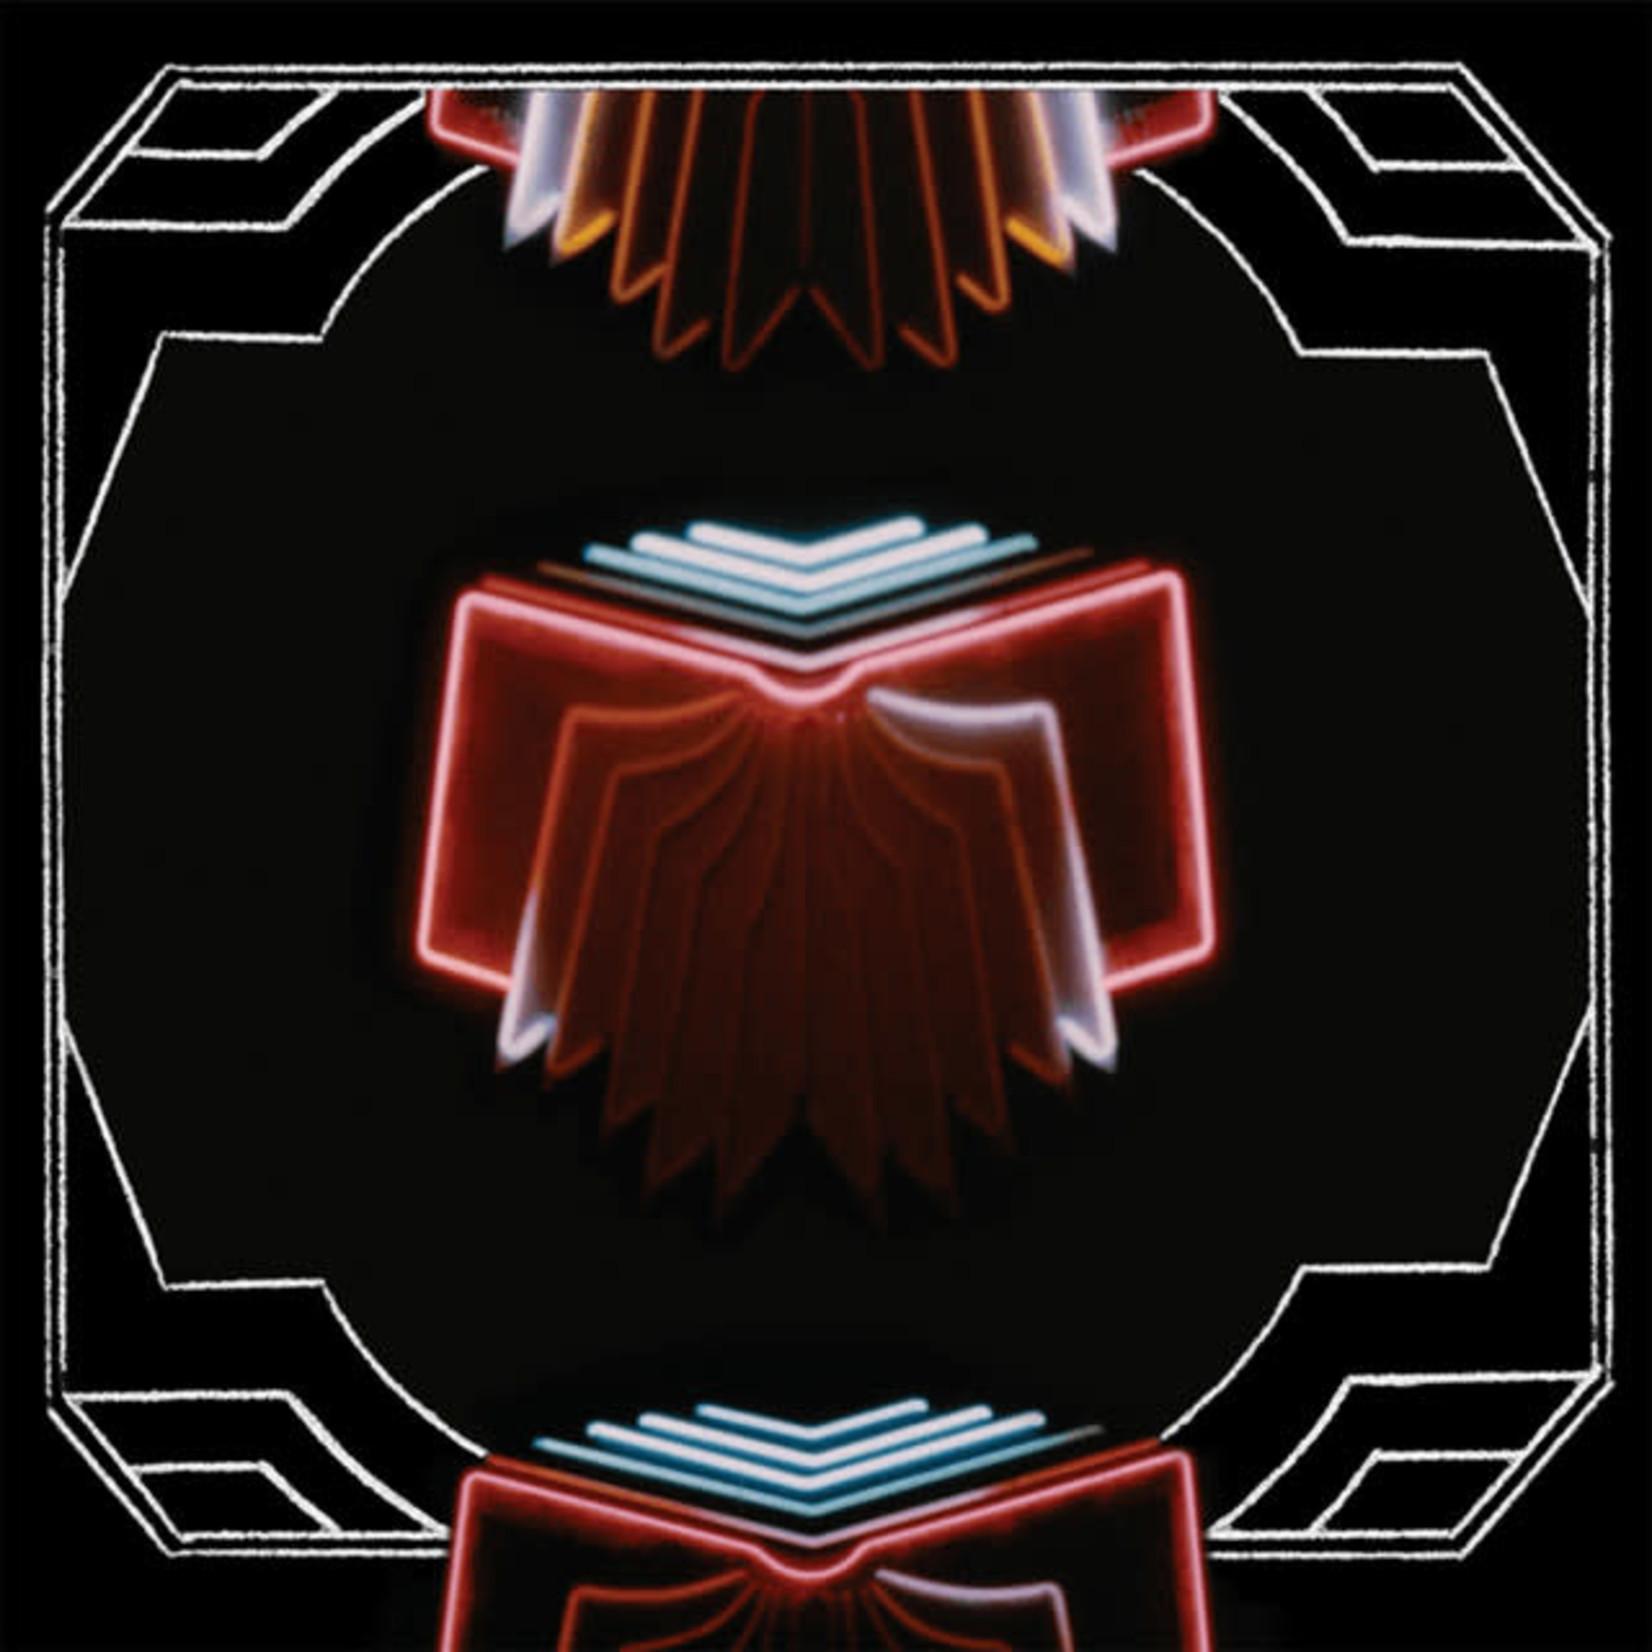 Vinyl Arcade Fire - Neon Bible